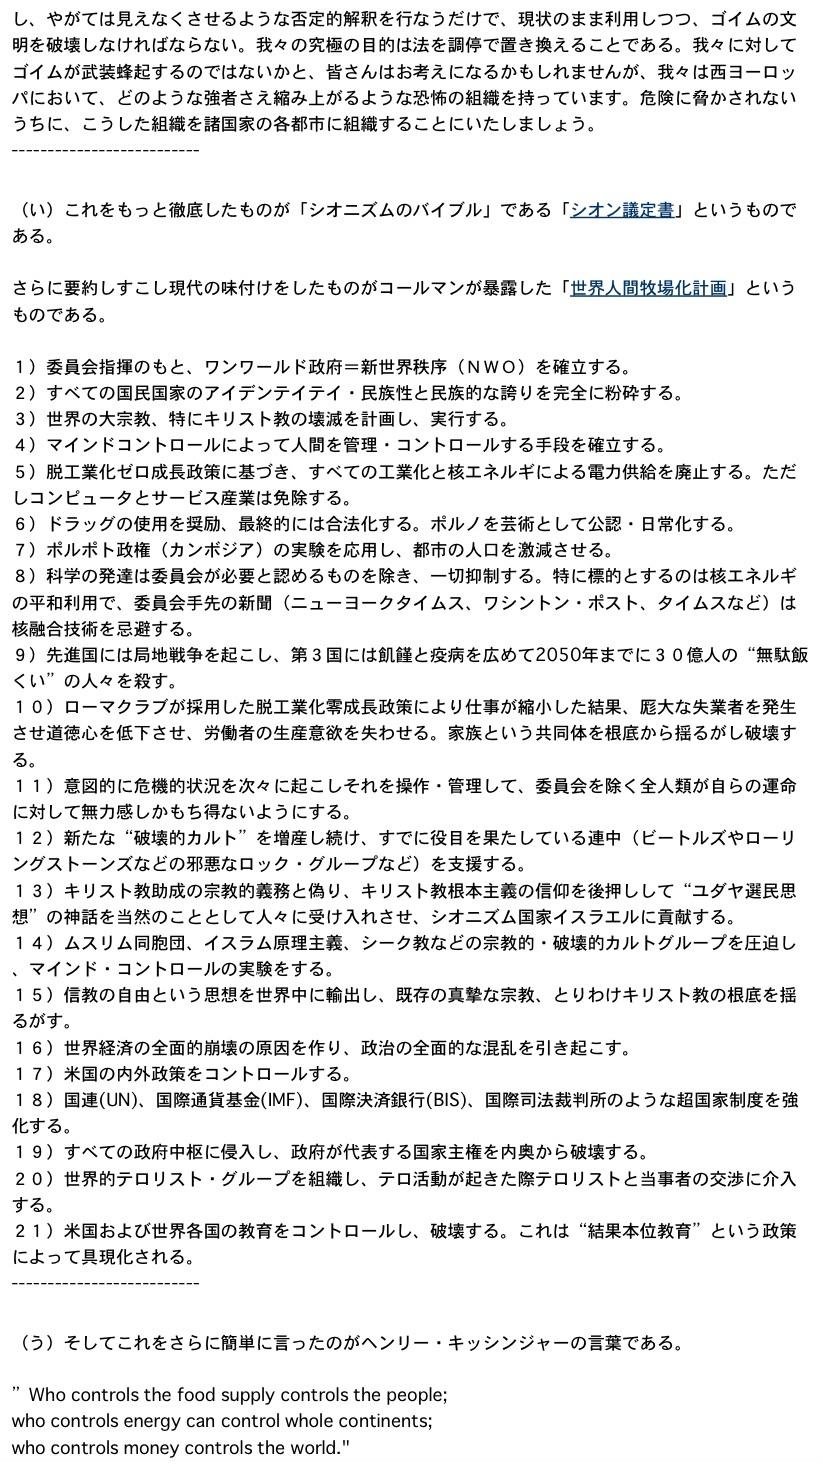 【コンスピラシー】オーマイガー!NWOシオニストの日本破壊工作は東大によって行われていた!?_a0386130_11343337.jpg